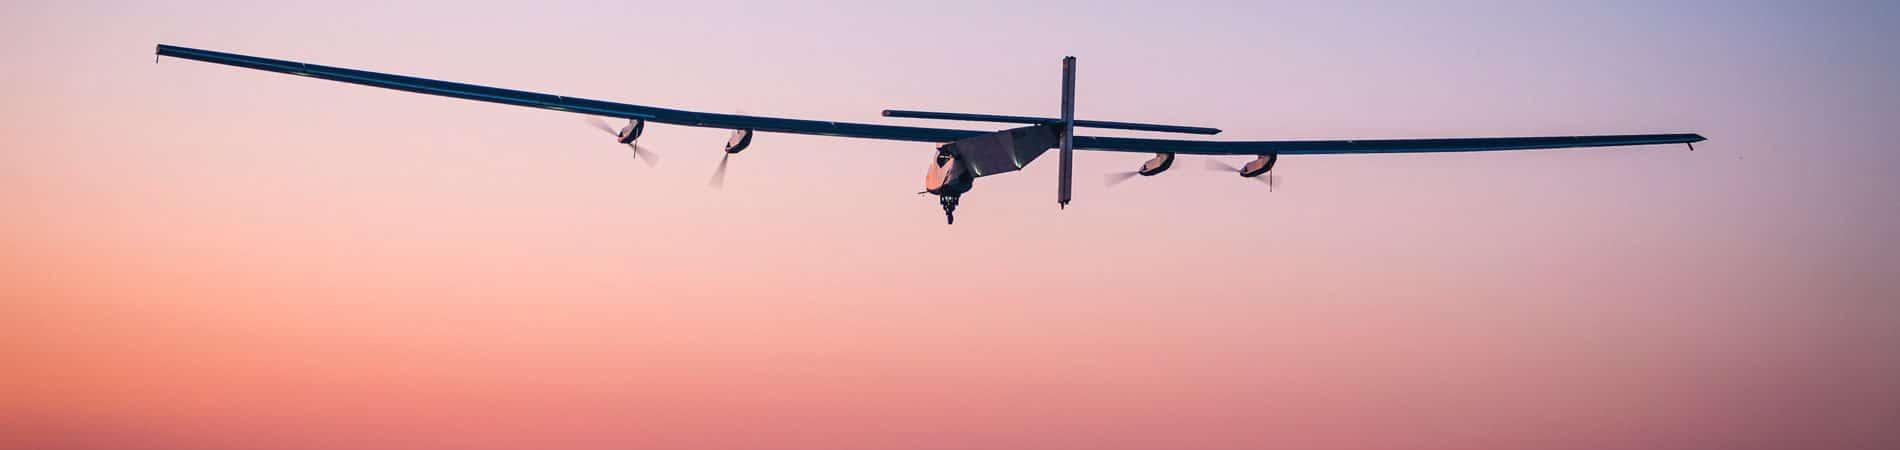 aeronave skydweller no por do sol